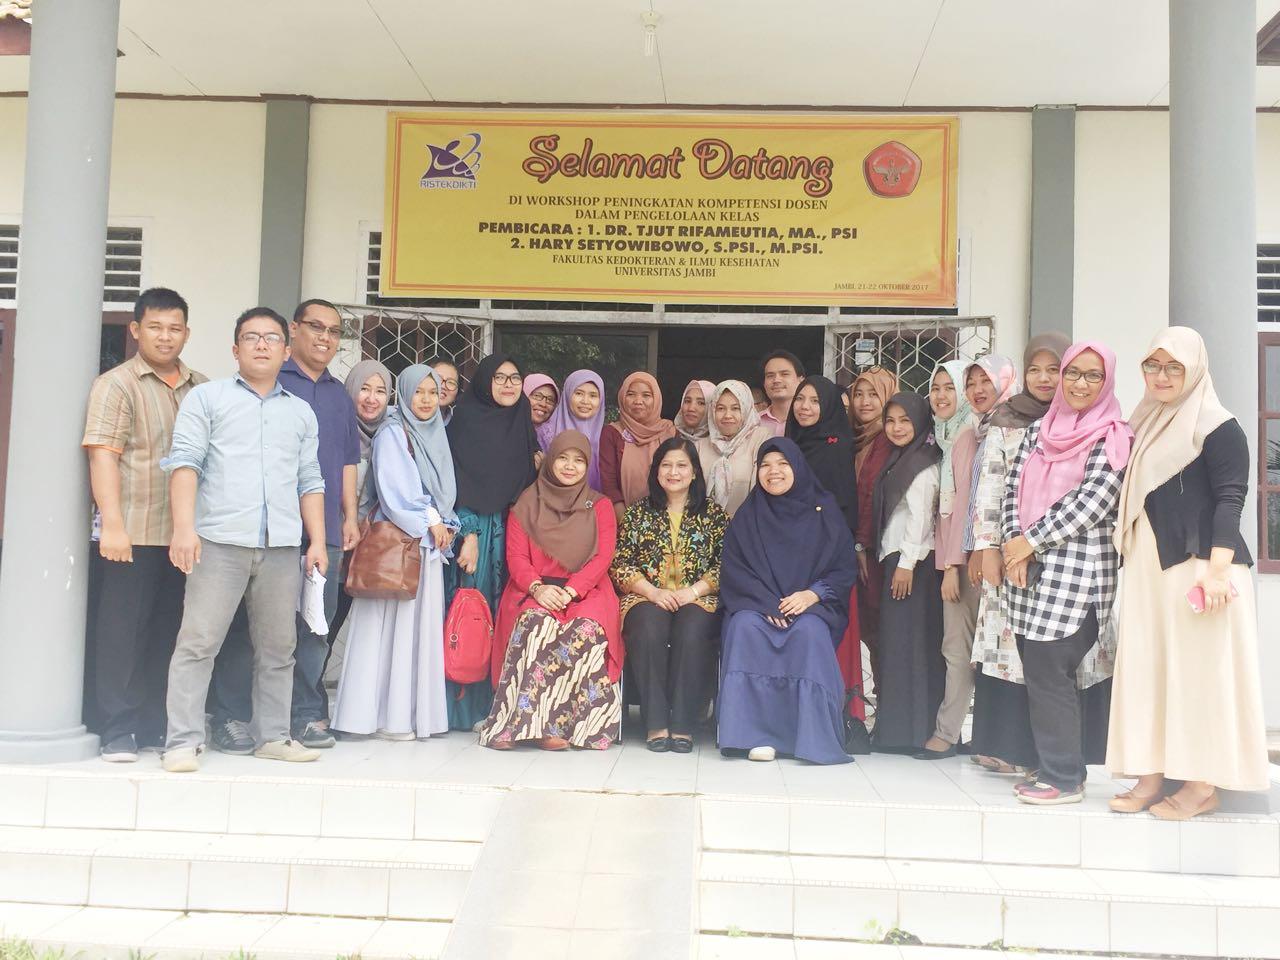 Workshop Peningkatan Kompetensi dosen psikologi